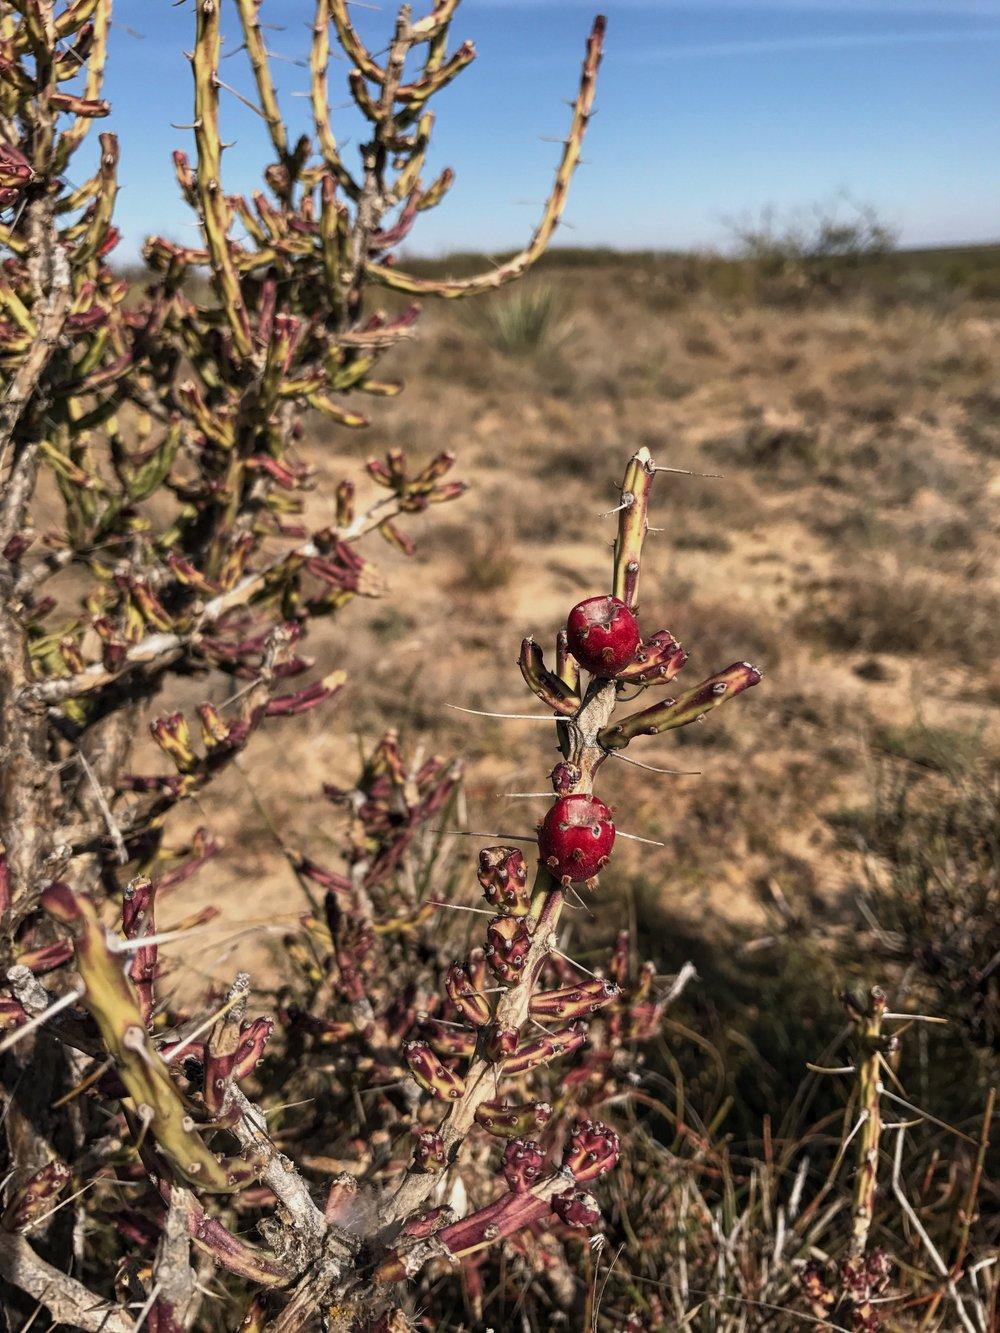 Cylindropuntia leptocaulis, Pencil Cactus